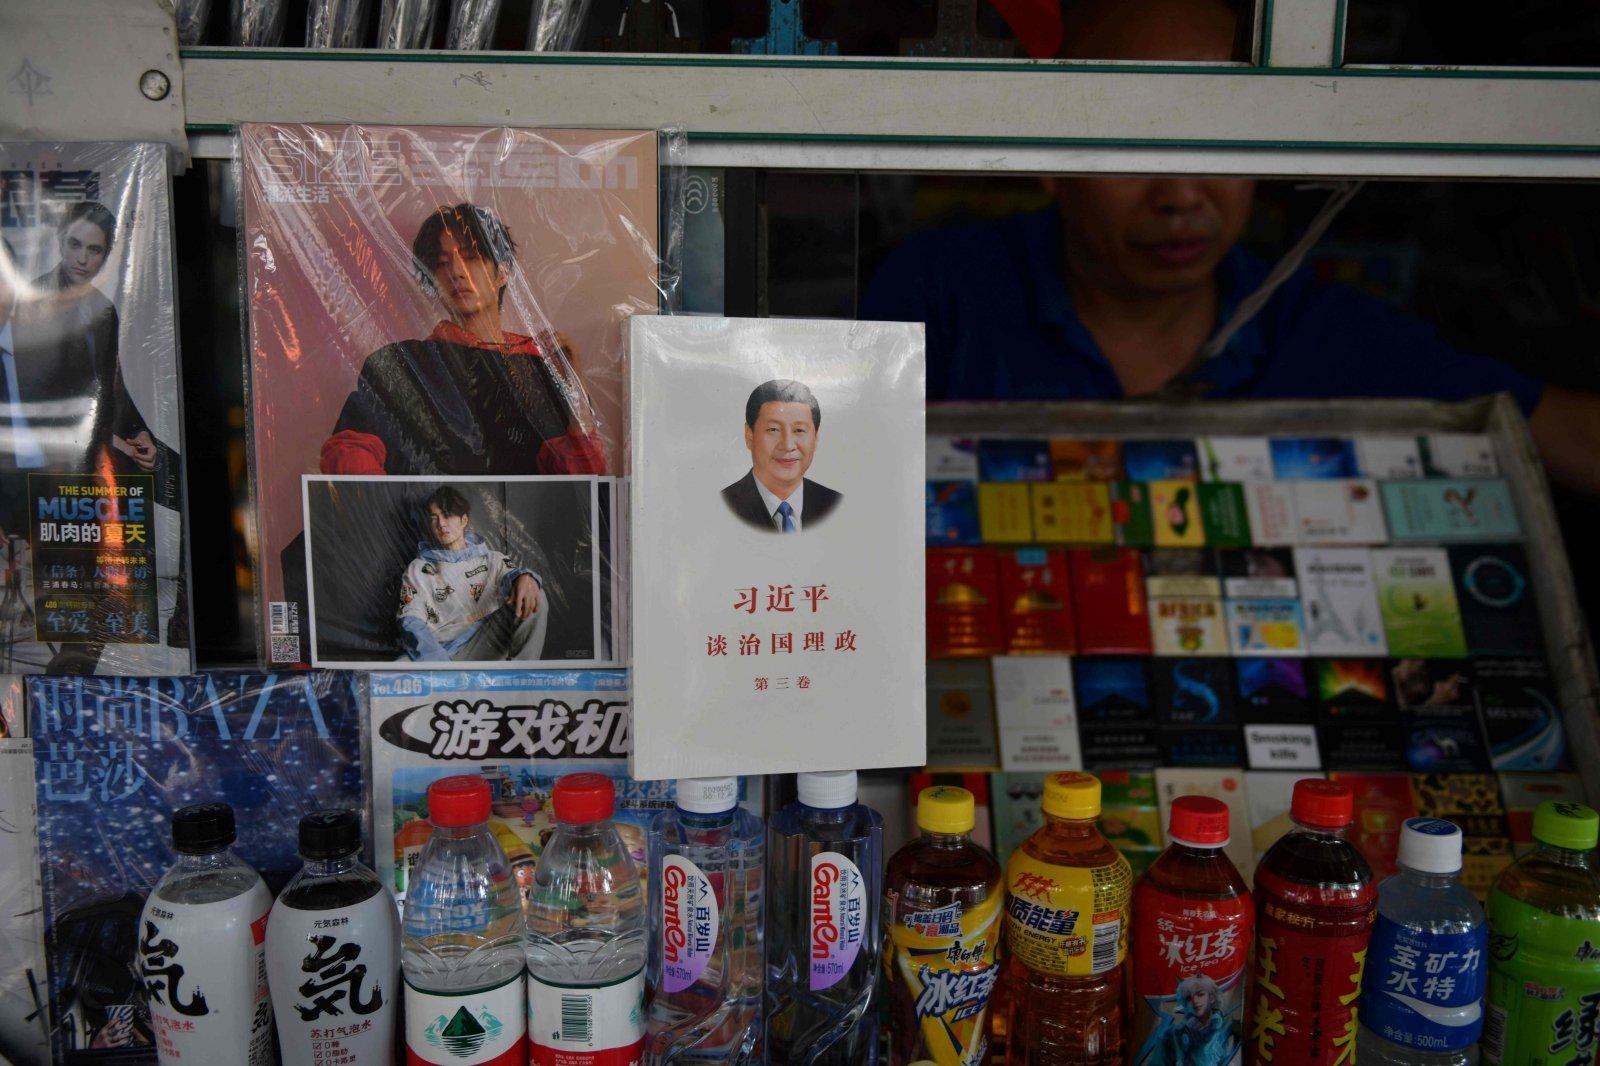 Penki metai po Kinijos juanio devalvacijos – šalis turi tokią valiutą, kokios ir norėjo